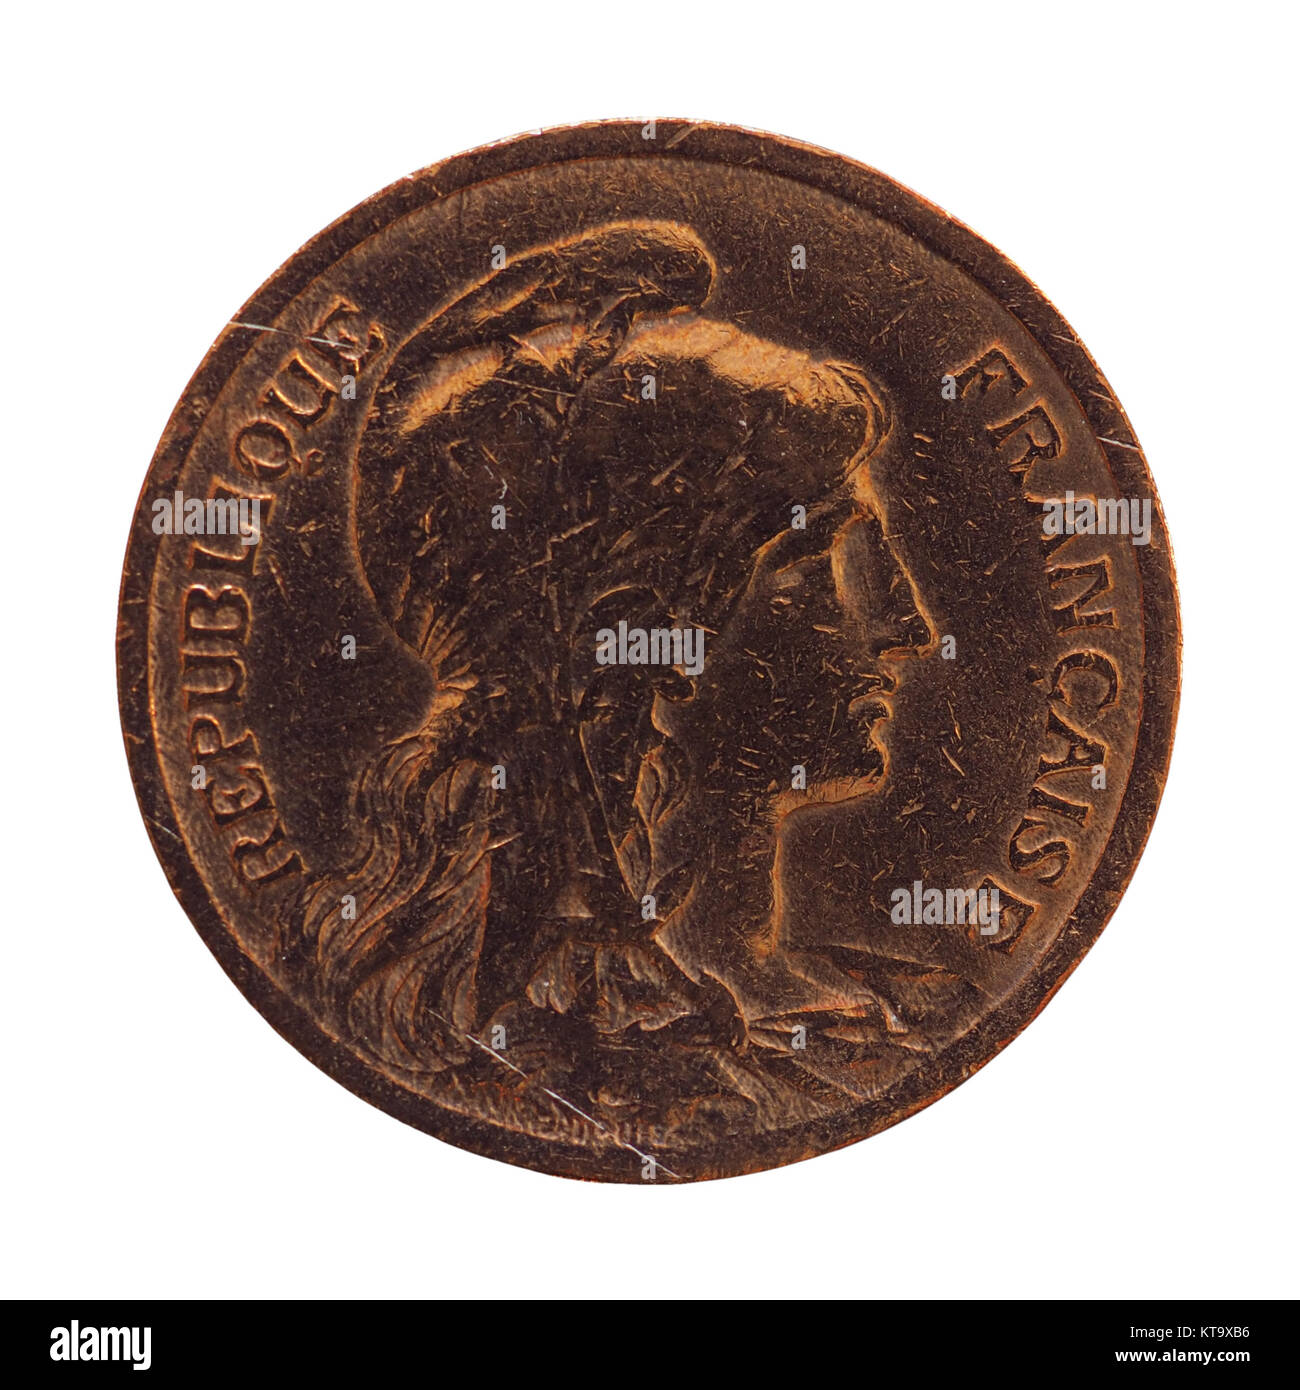 Alte Französische Münze 10 Cent über Weiß Isoliert Stockfoto Bild